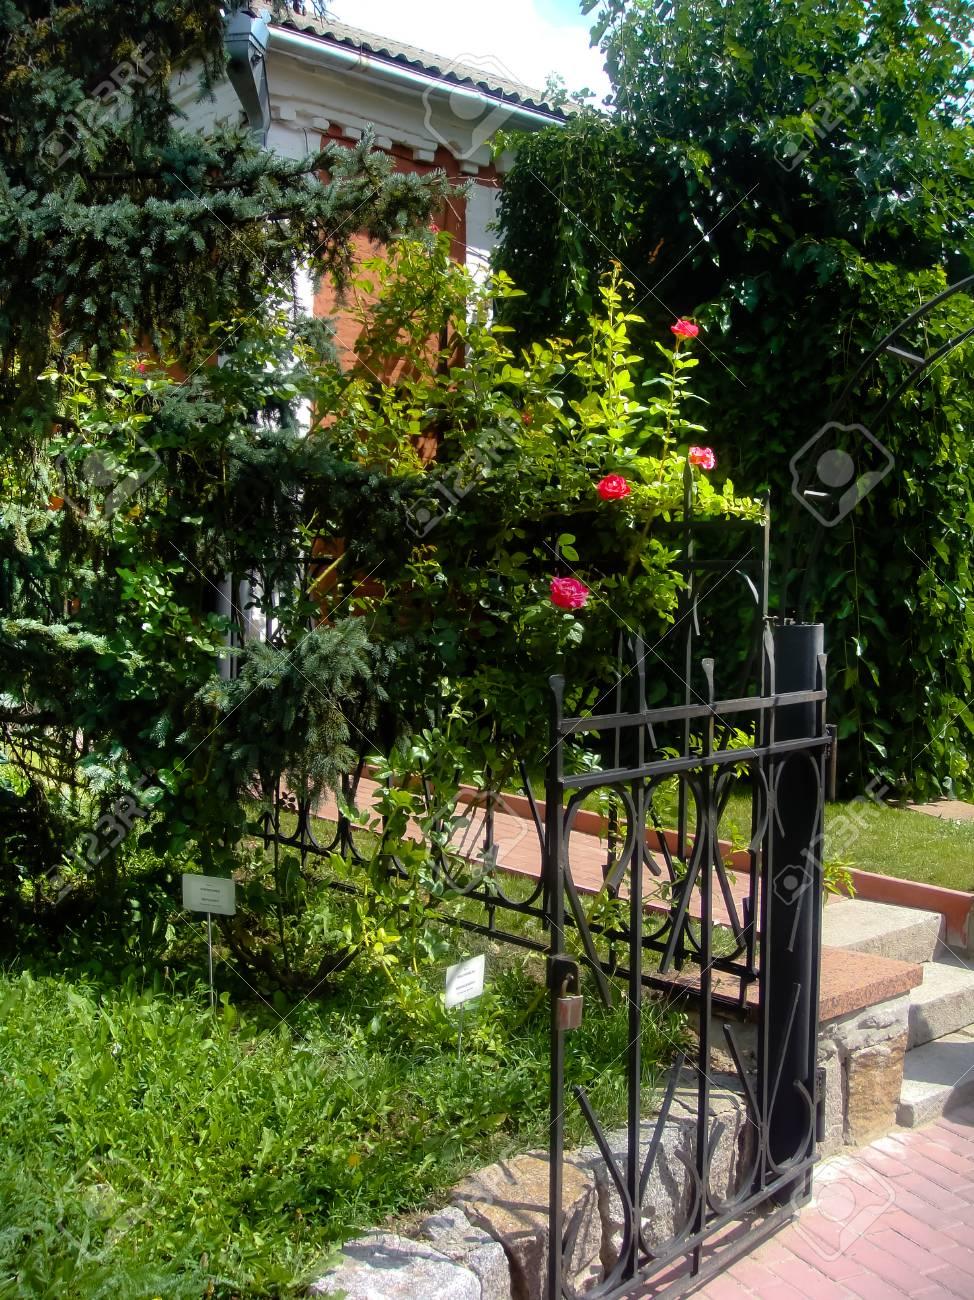 Terrasse In Bluhende Grunpflanzen Lizenzfreie Fotos Bilder Und